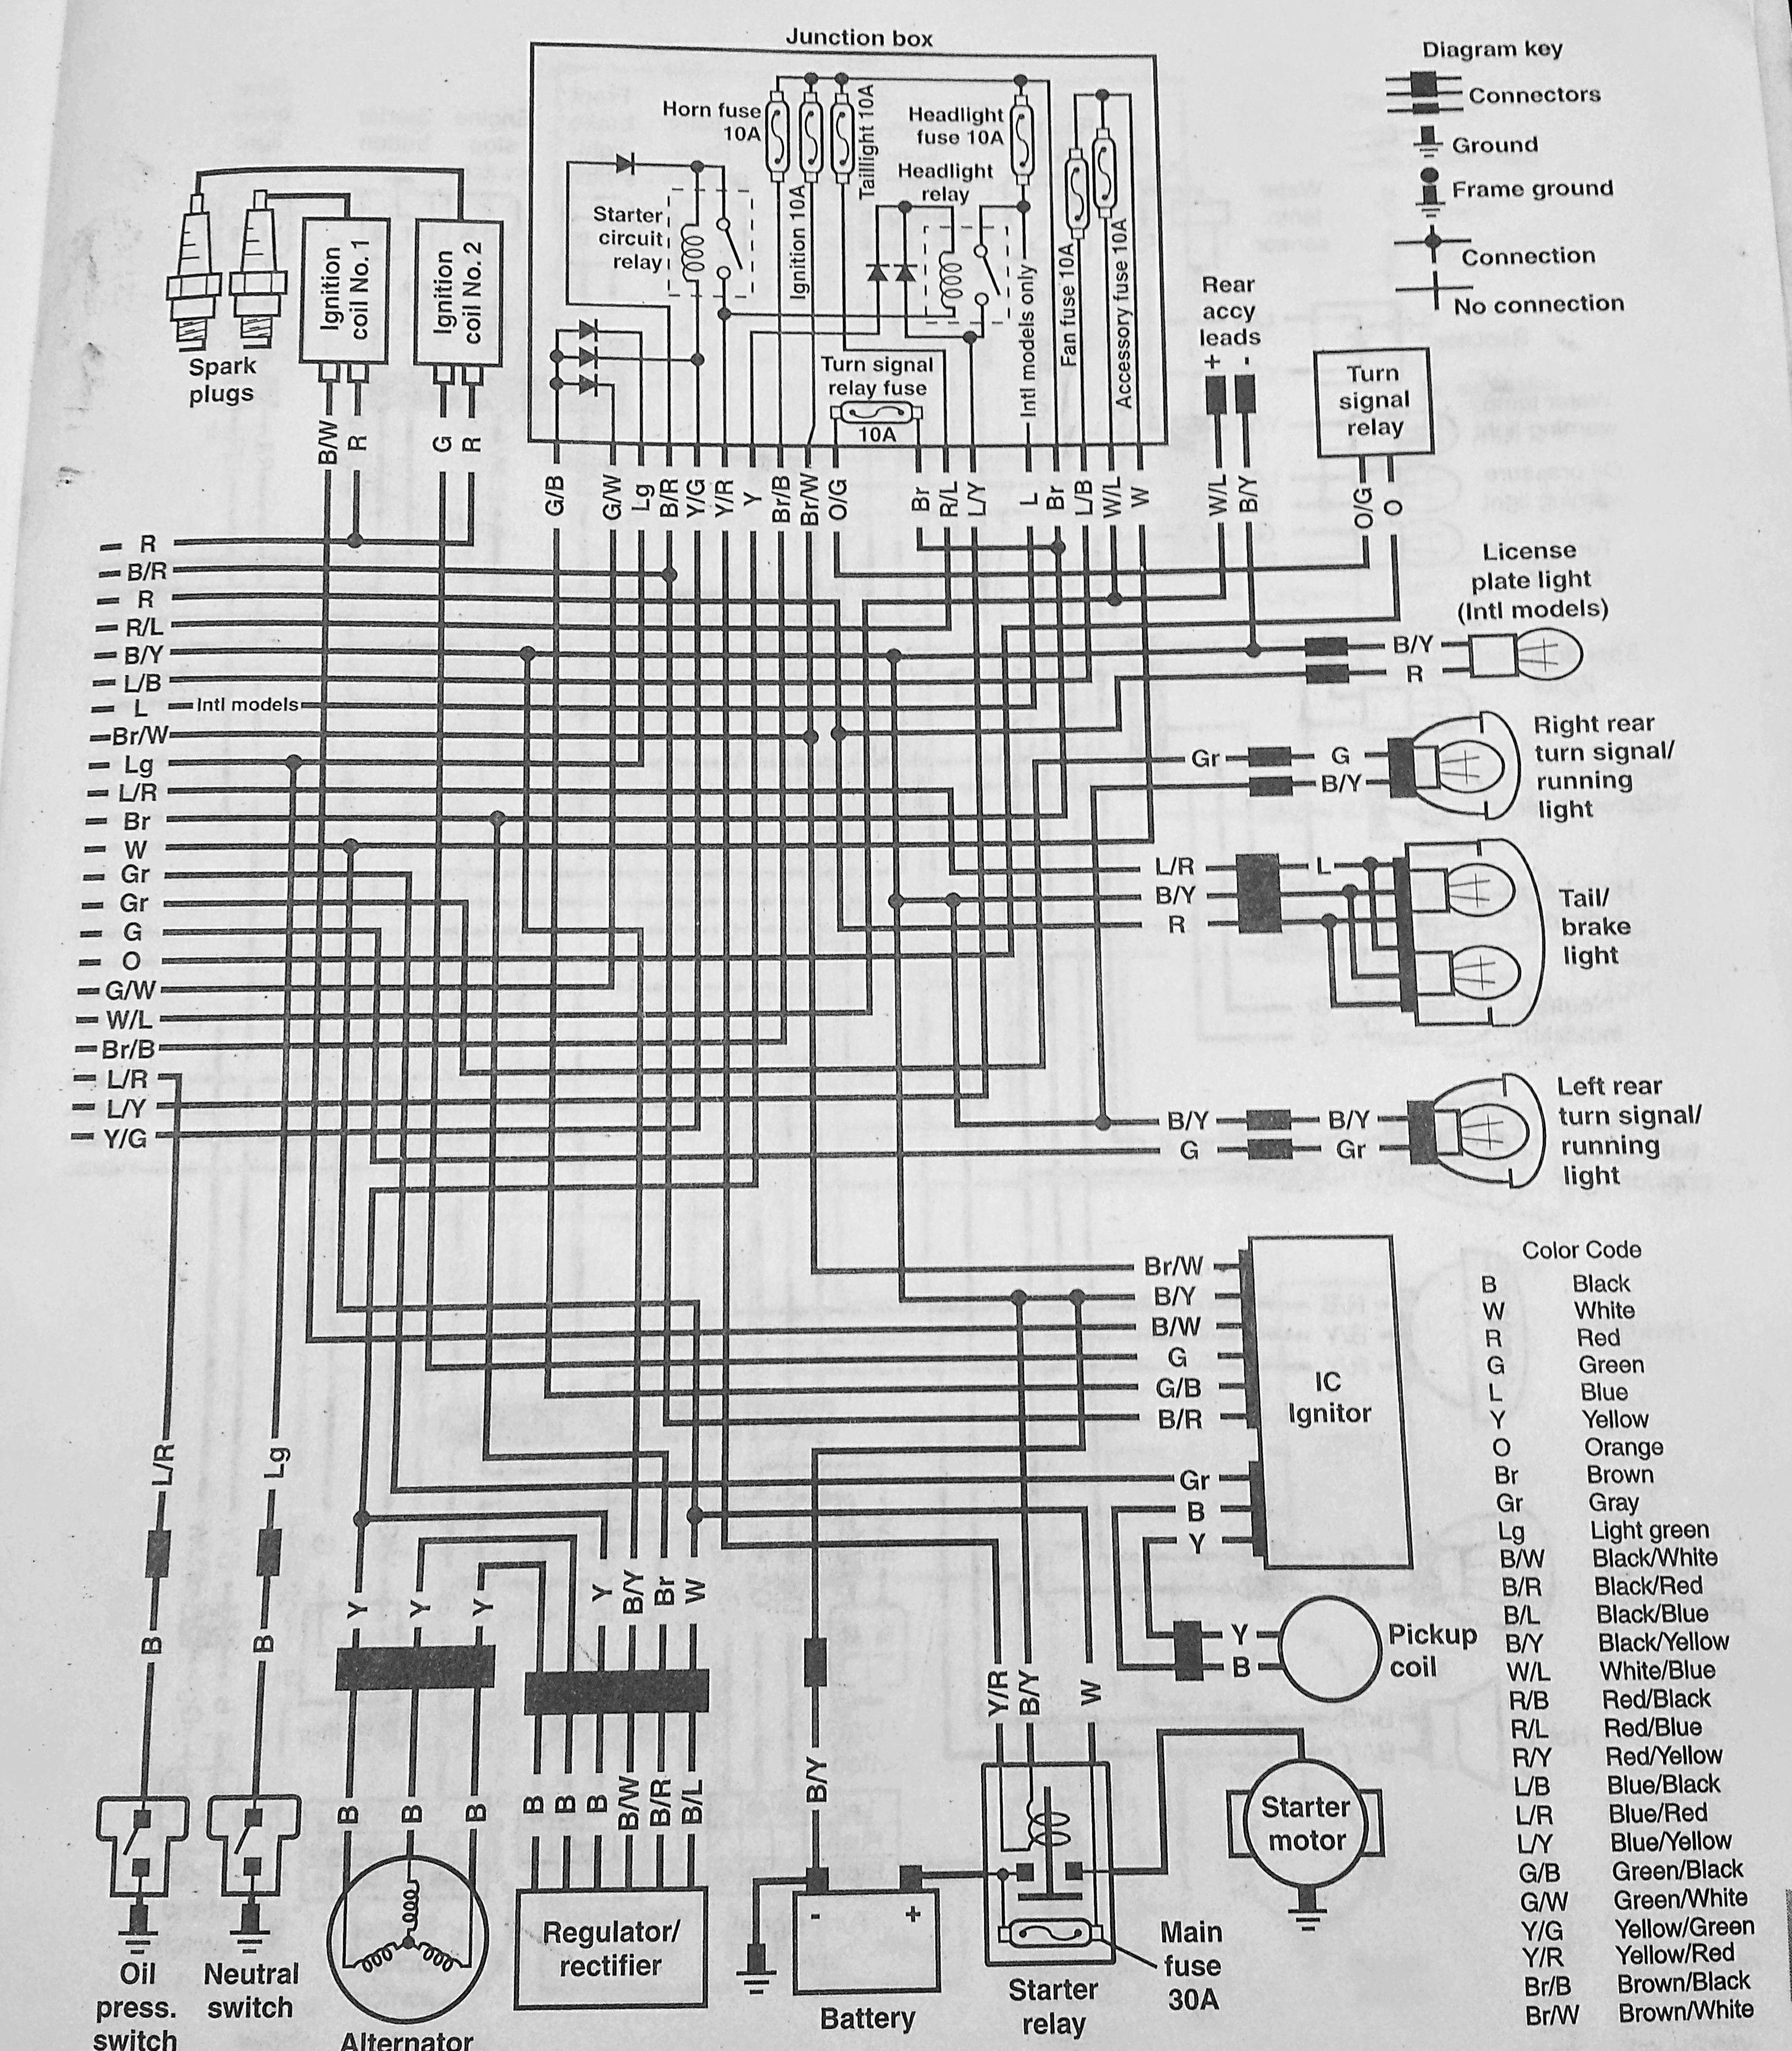 wiring schematics 2000 kawasaki zx 12r - fld 120 fuse box location for wiring  diagram schematics  wiring diagram schematics